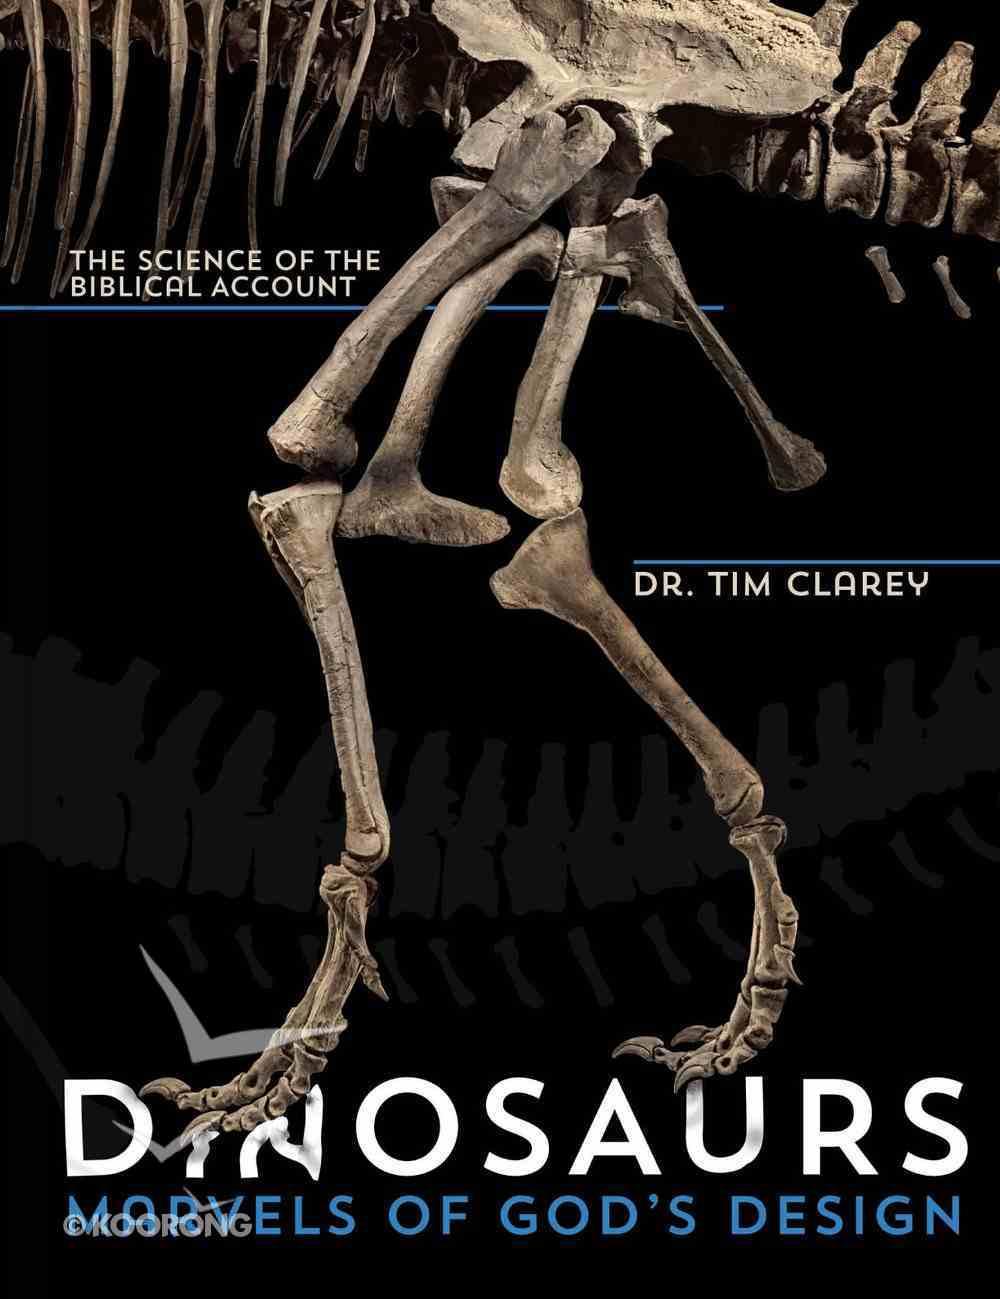 Dinosaurs: Marvels of God's Design eBook